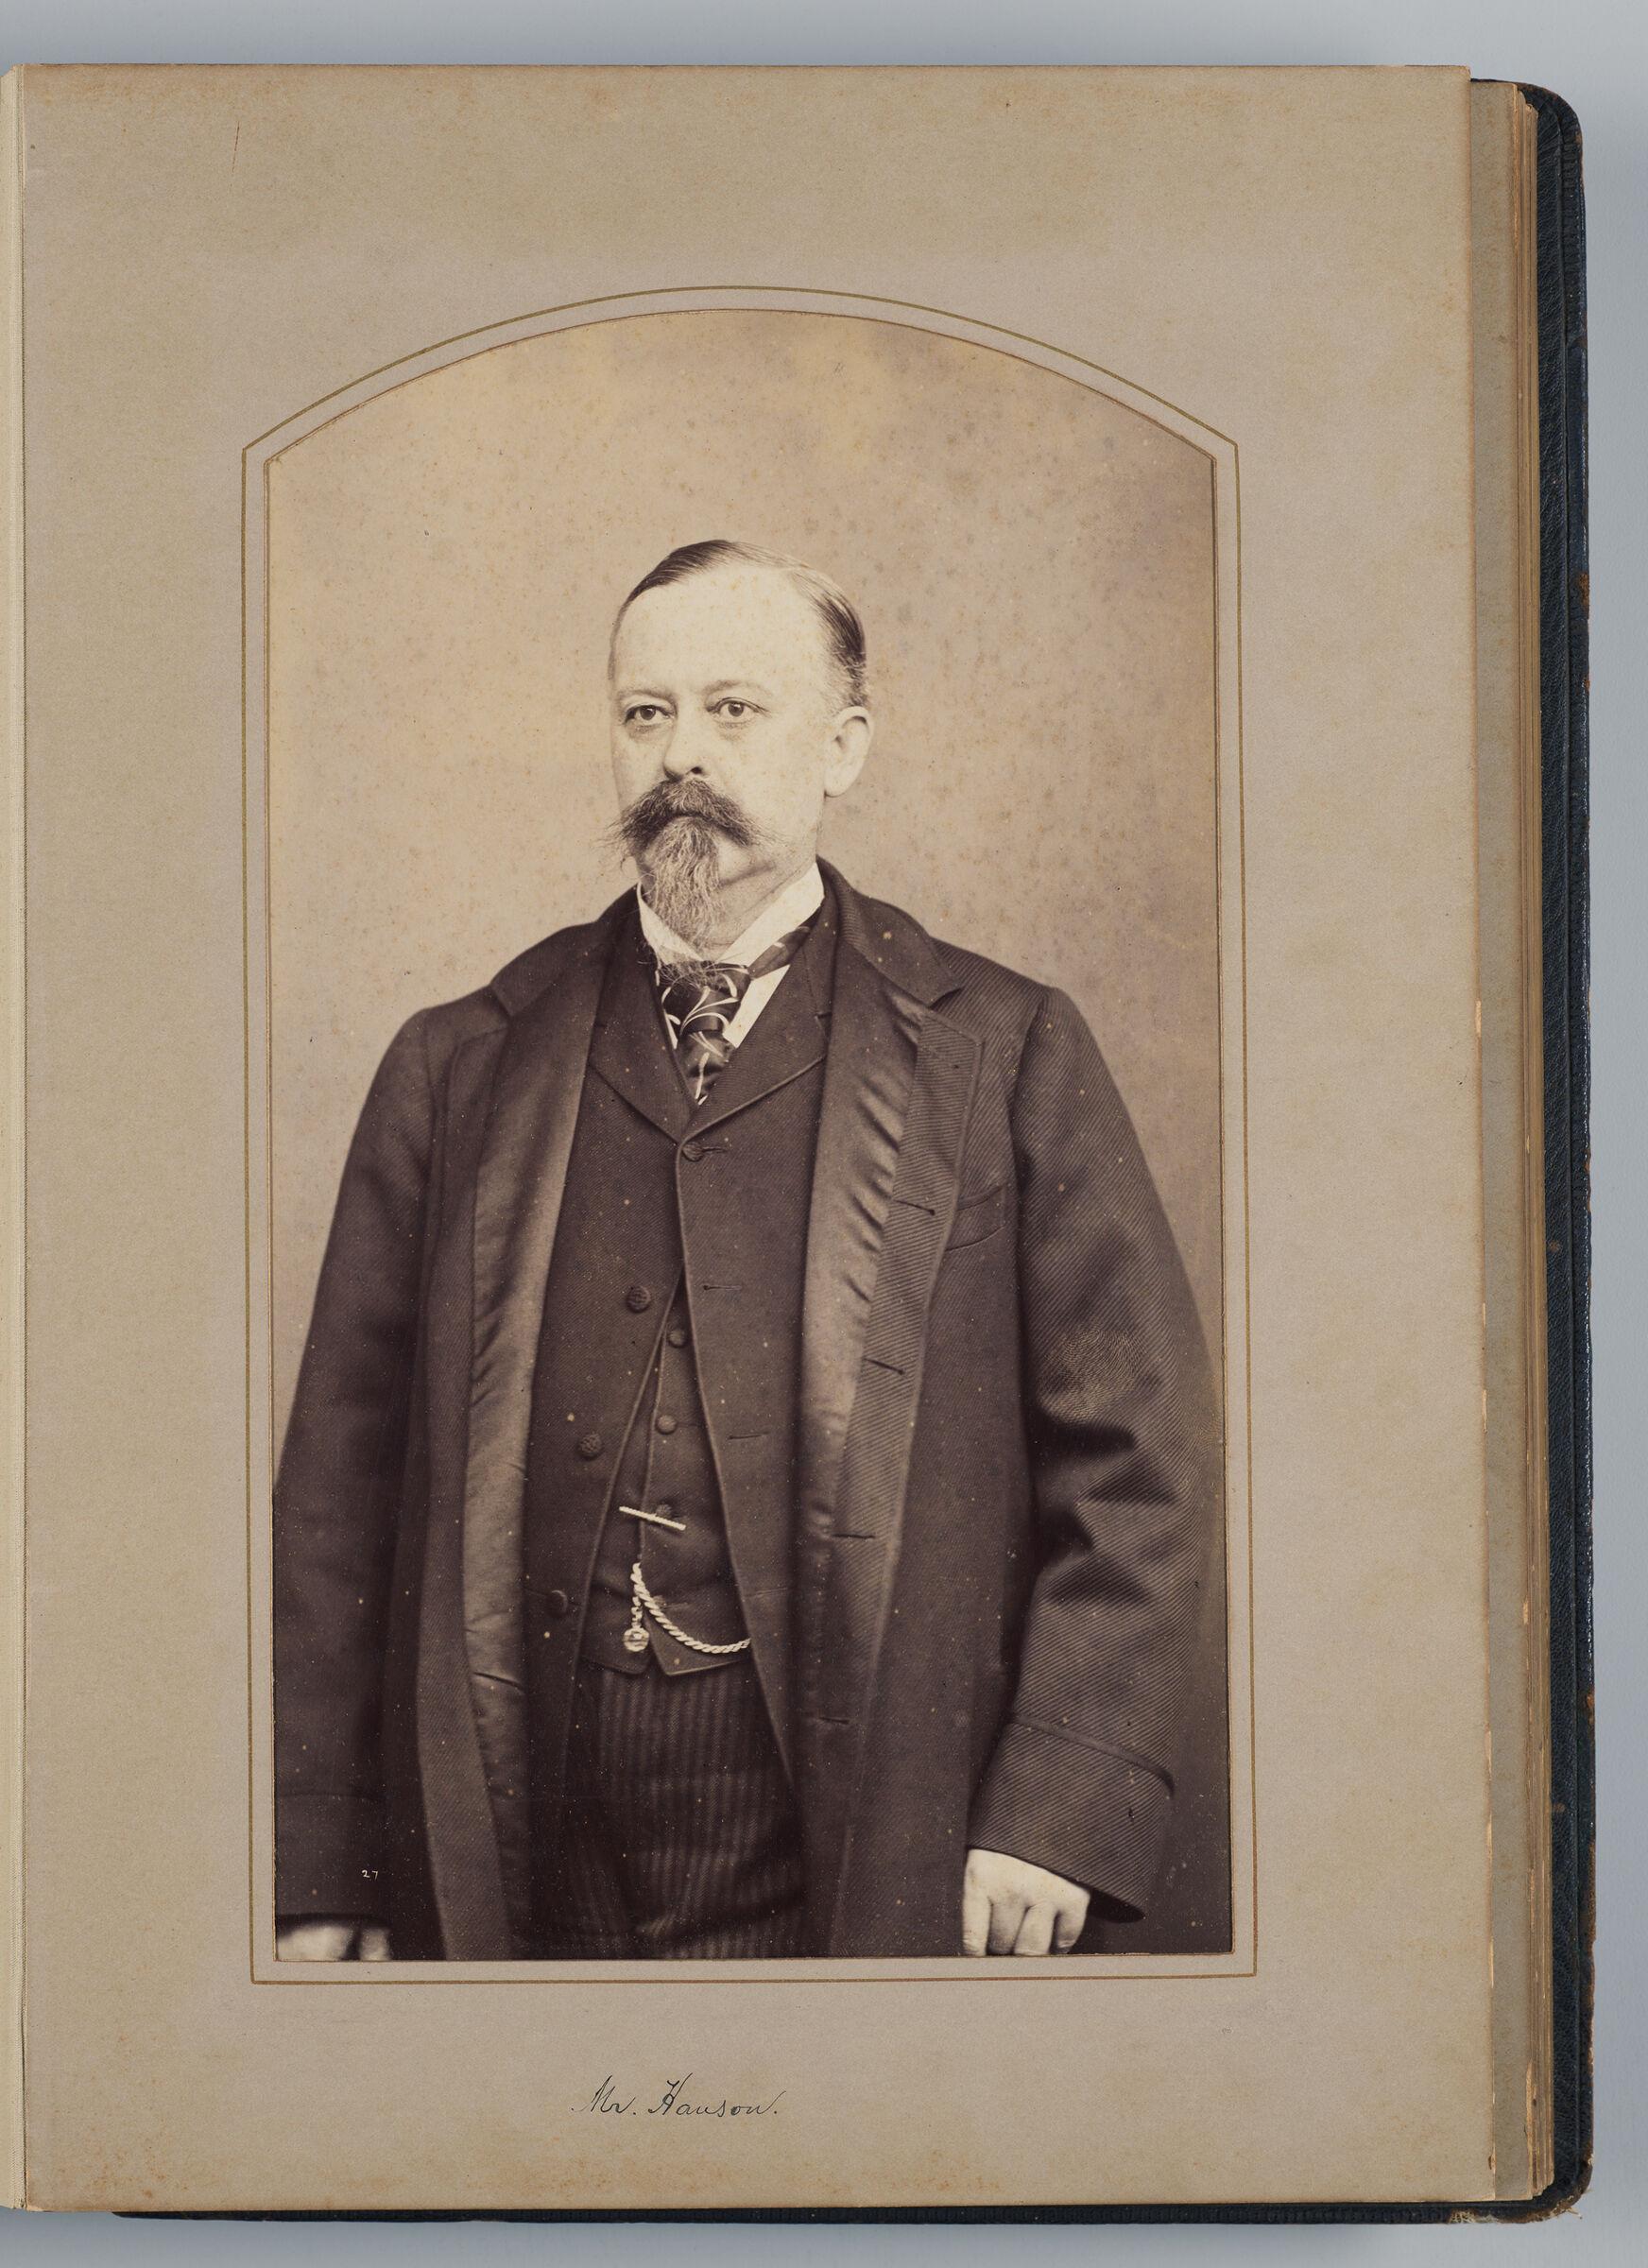 John E. Hanson (U.s. Delegate)